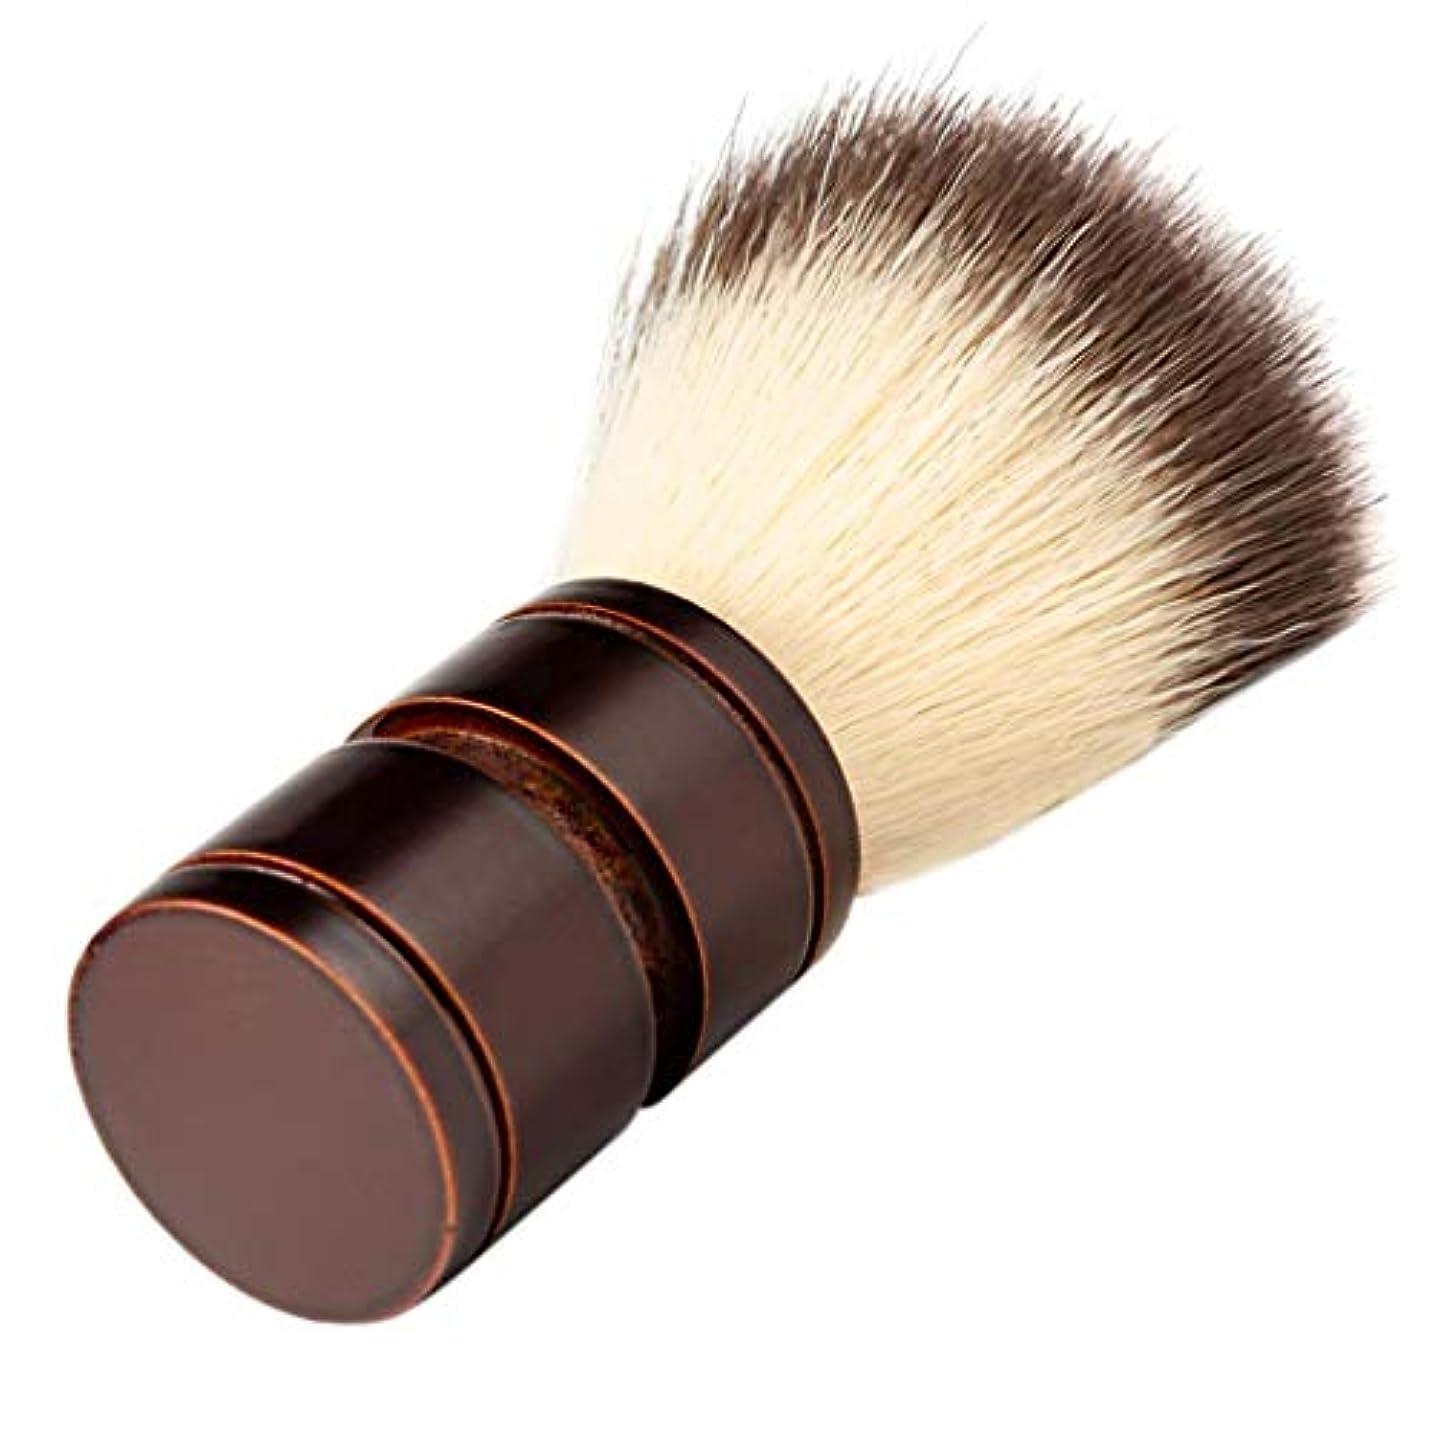 傘最近両方シェービング ブラシ メンズ ナイロン ひげブラシ 洗顔ブラシ 理容 洗顔 髭剃り 泡立ち